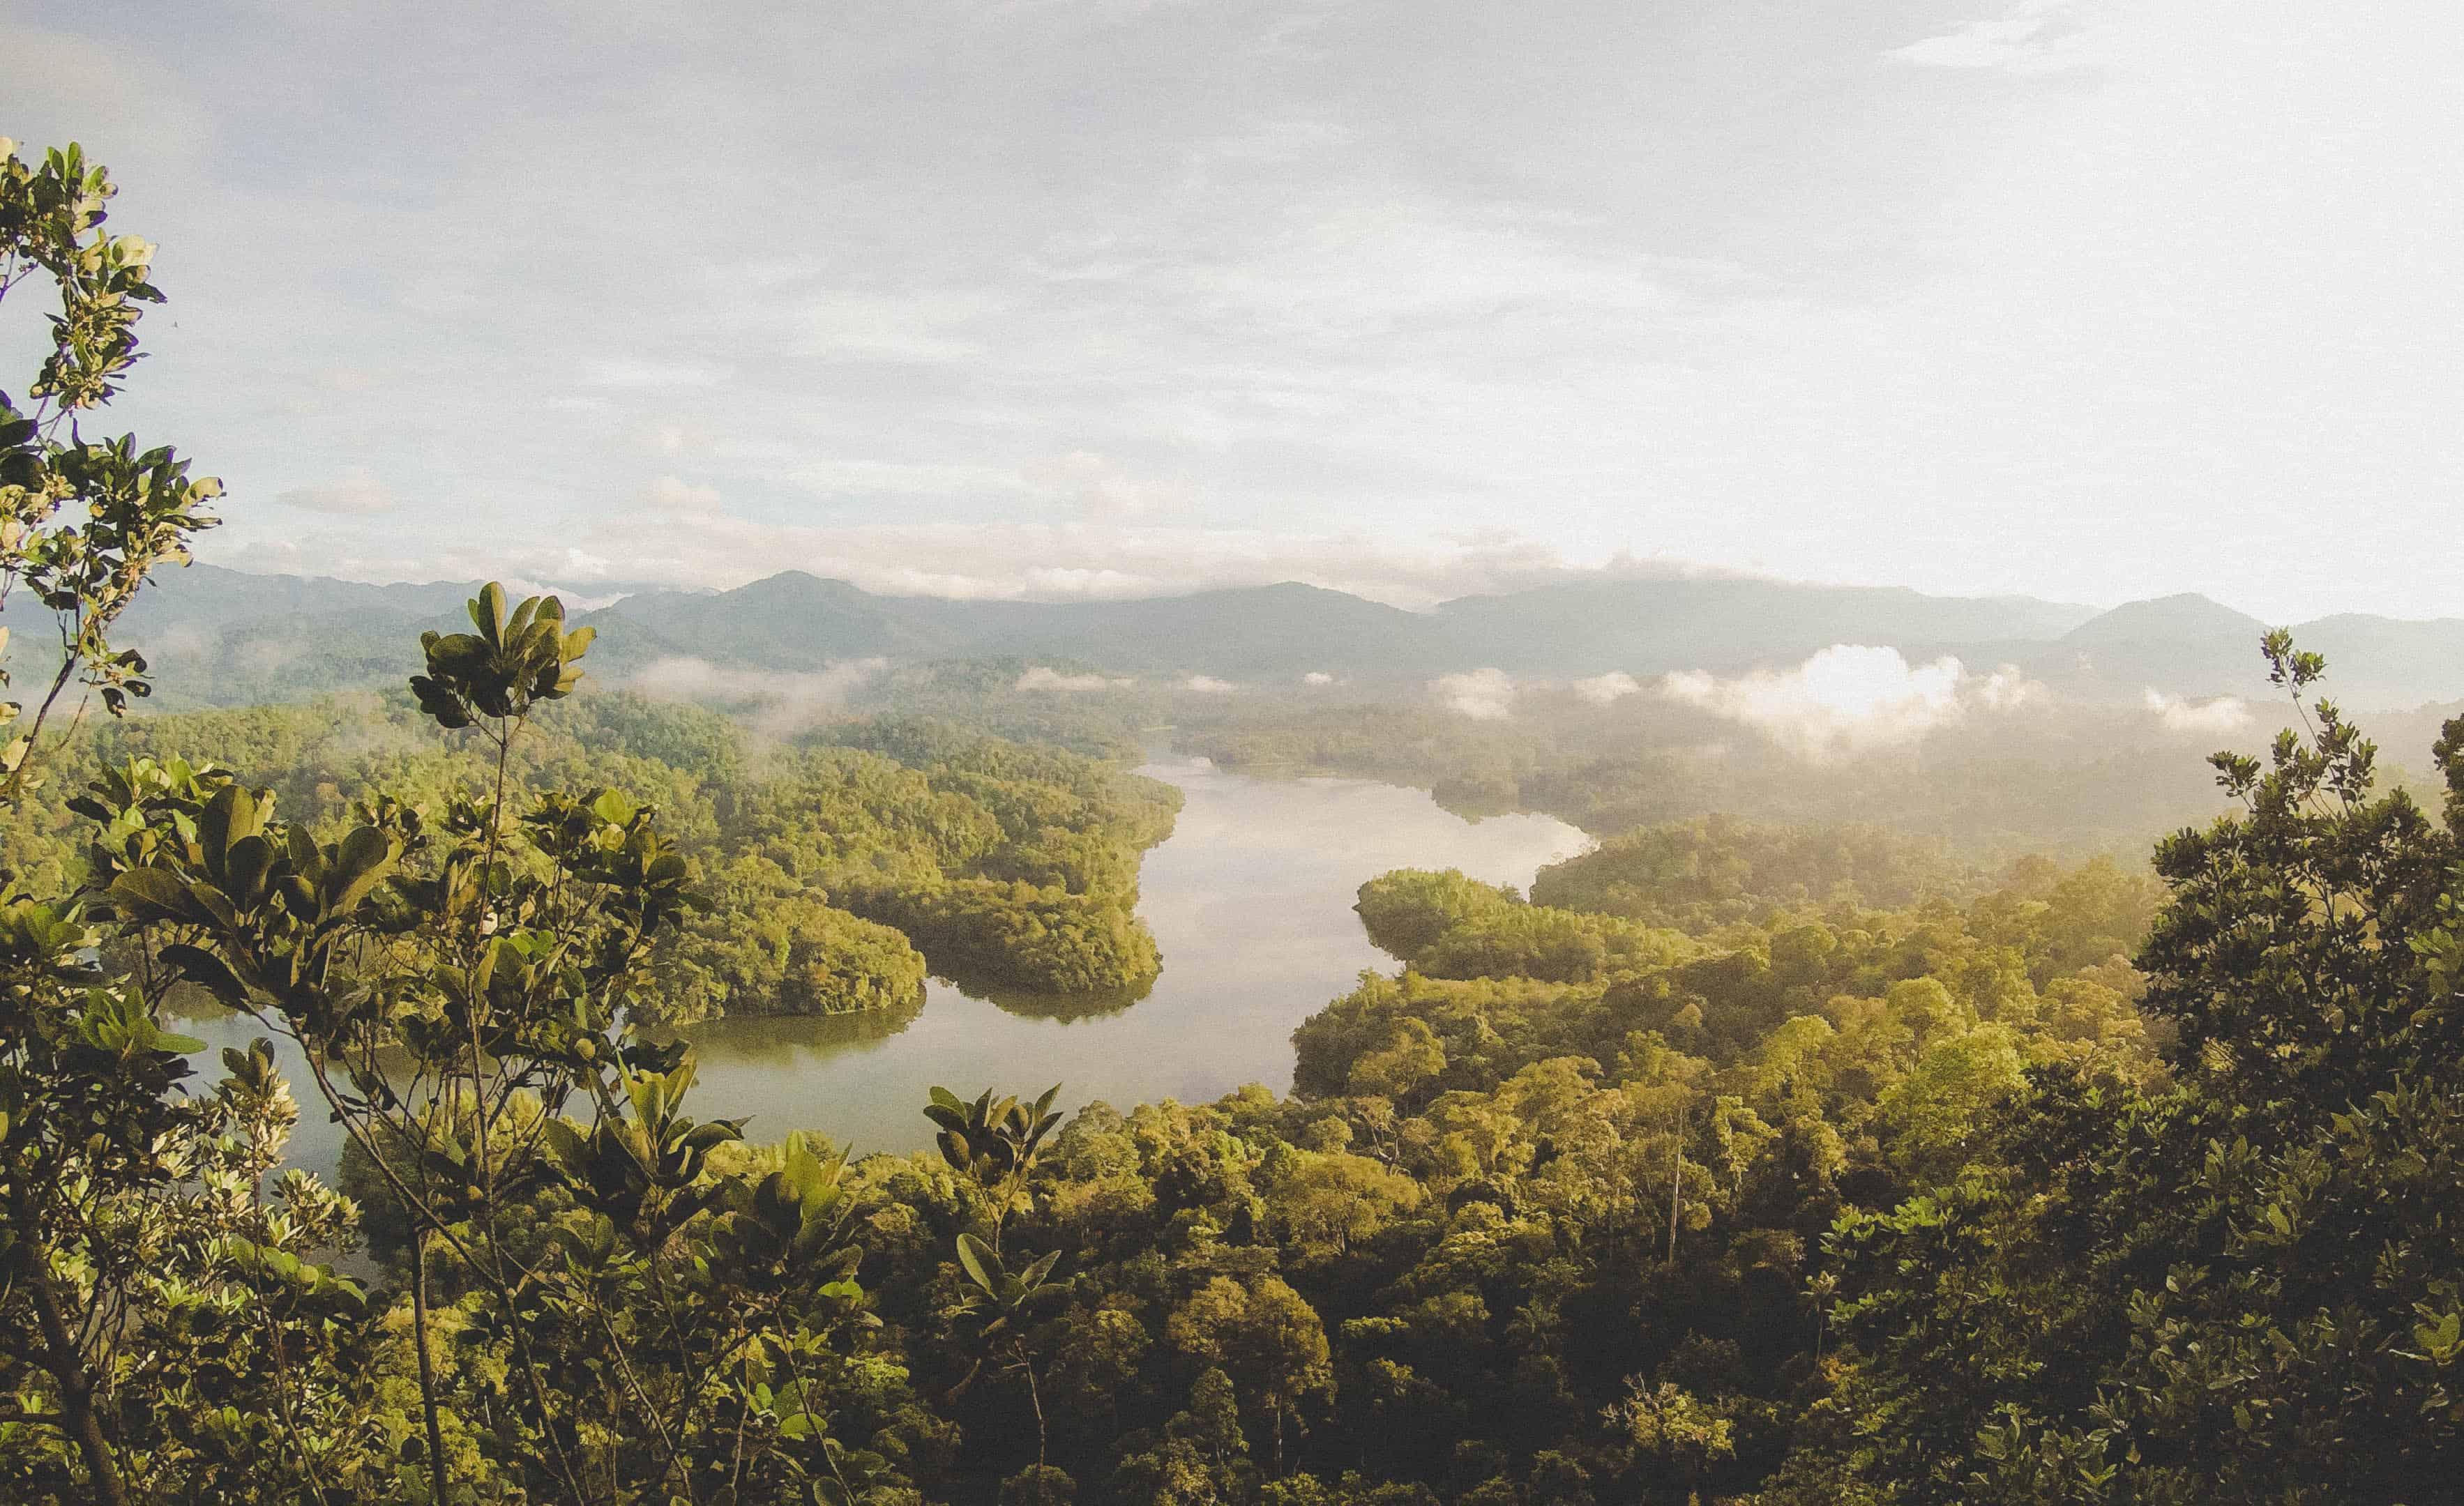 Nachhaltig Reisen 2020